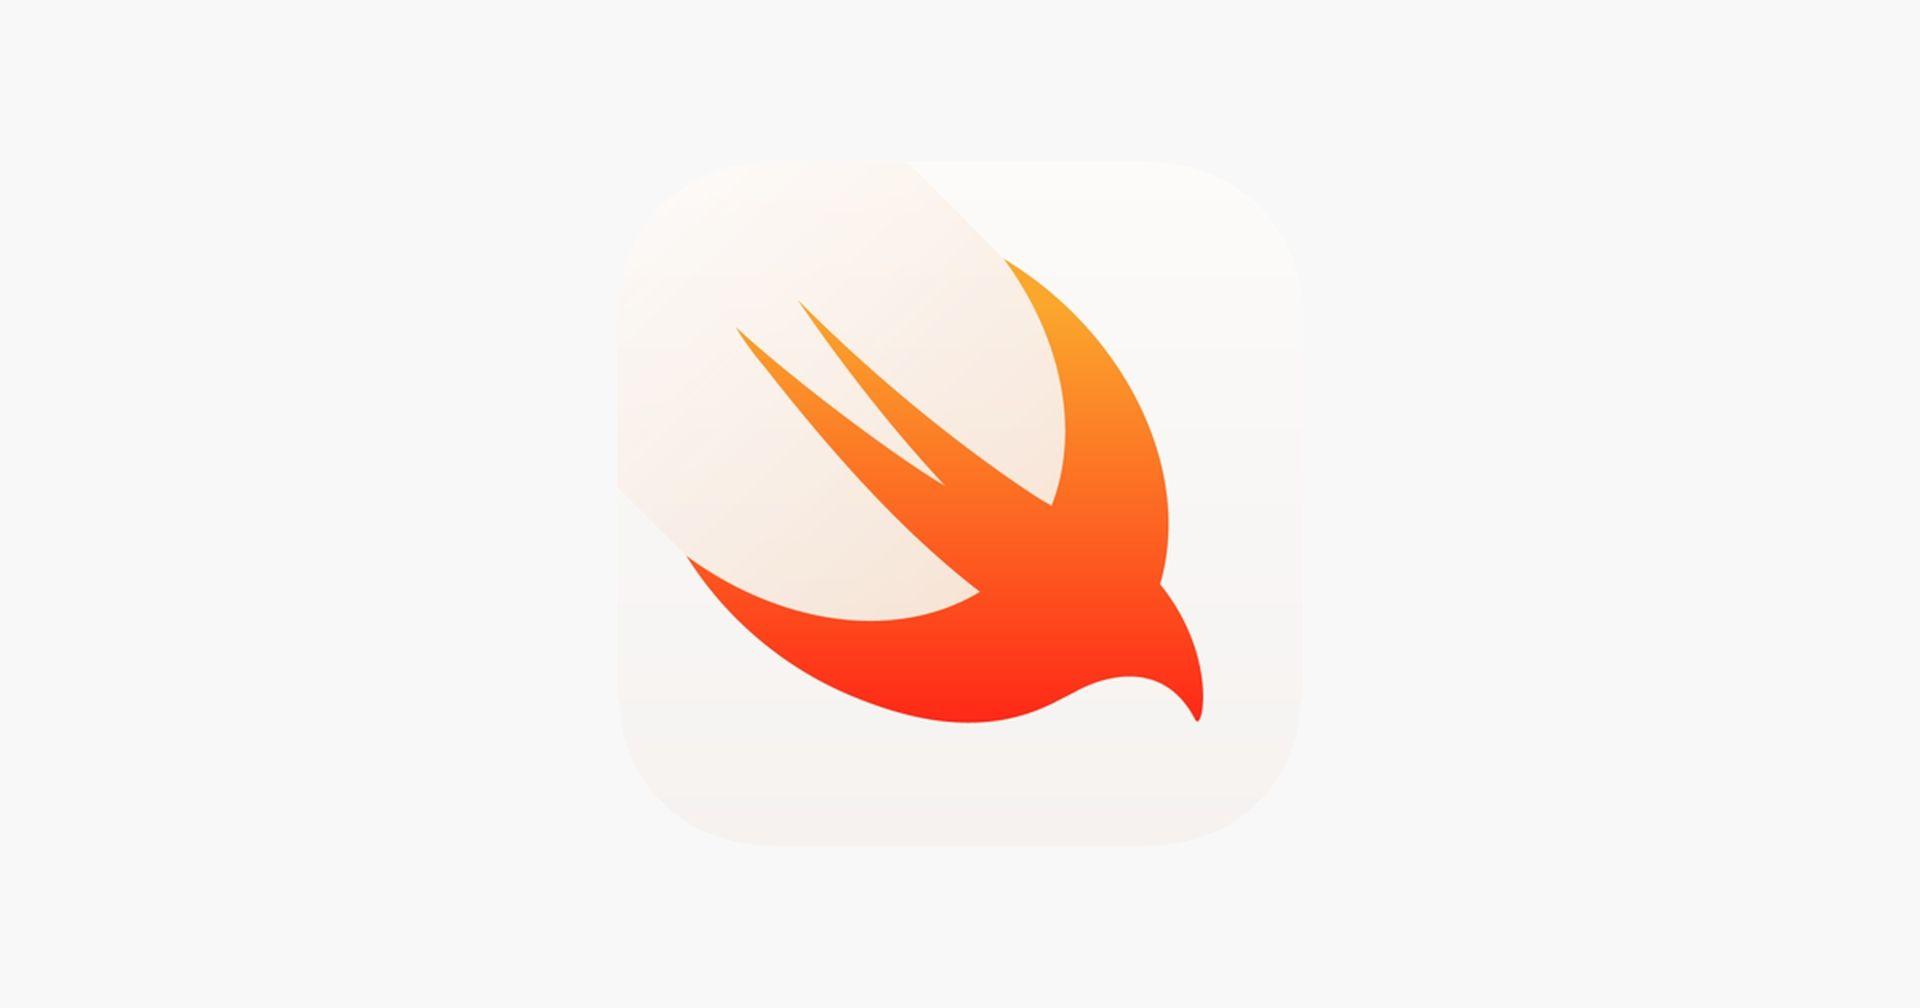 Aplikacja Swift Playgrounds wydana na komputery Mac